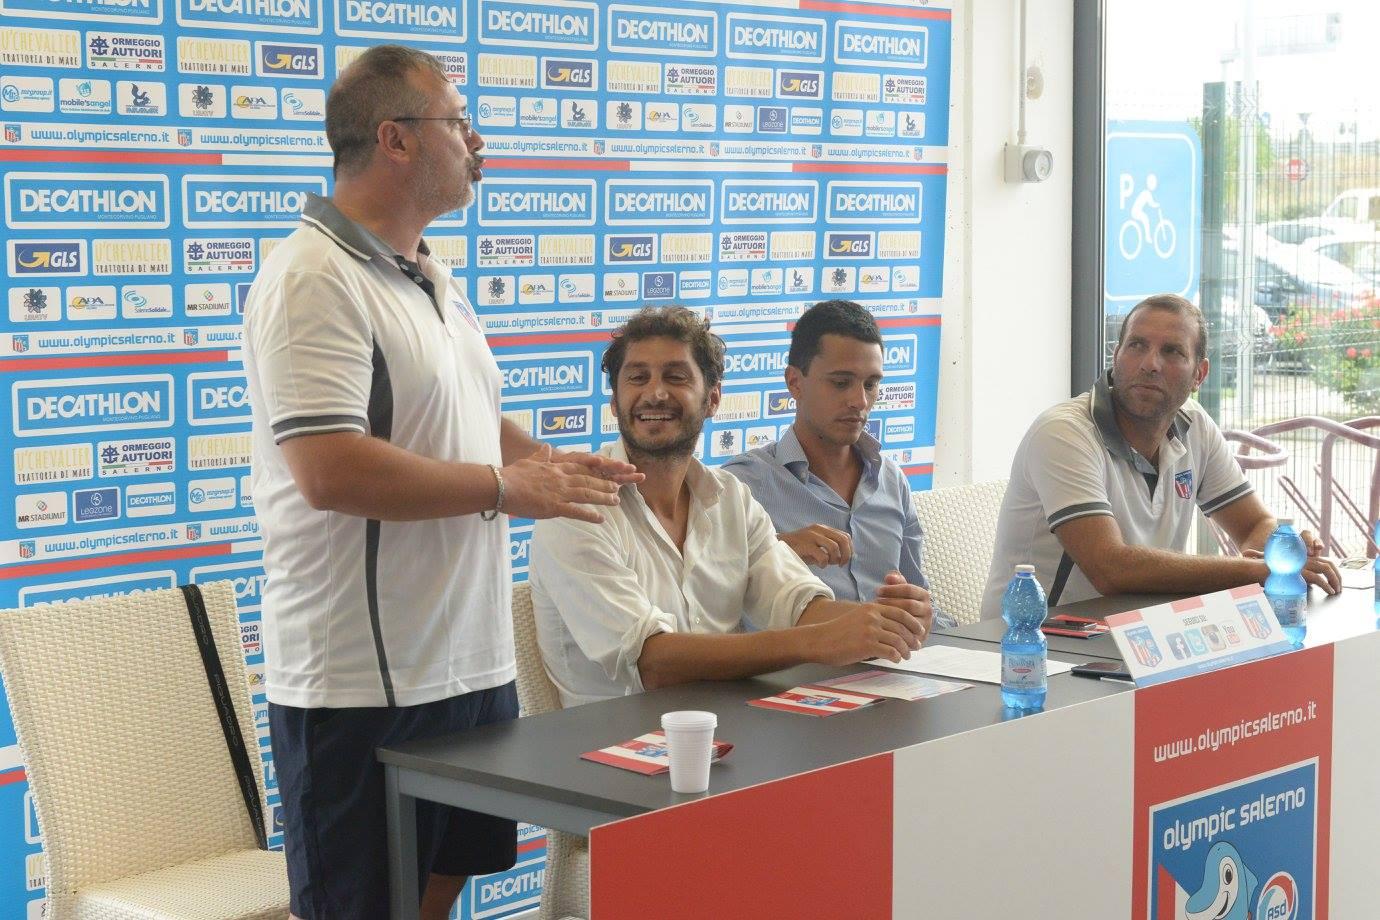 Presentazione ufficiale Olympic Salerno 2015/16